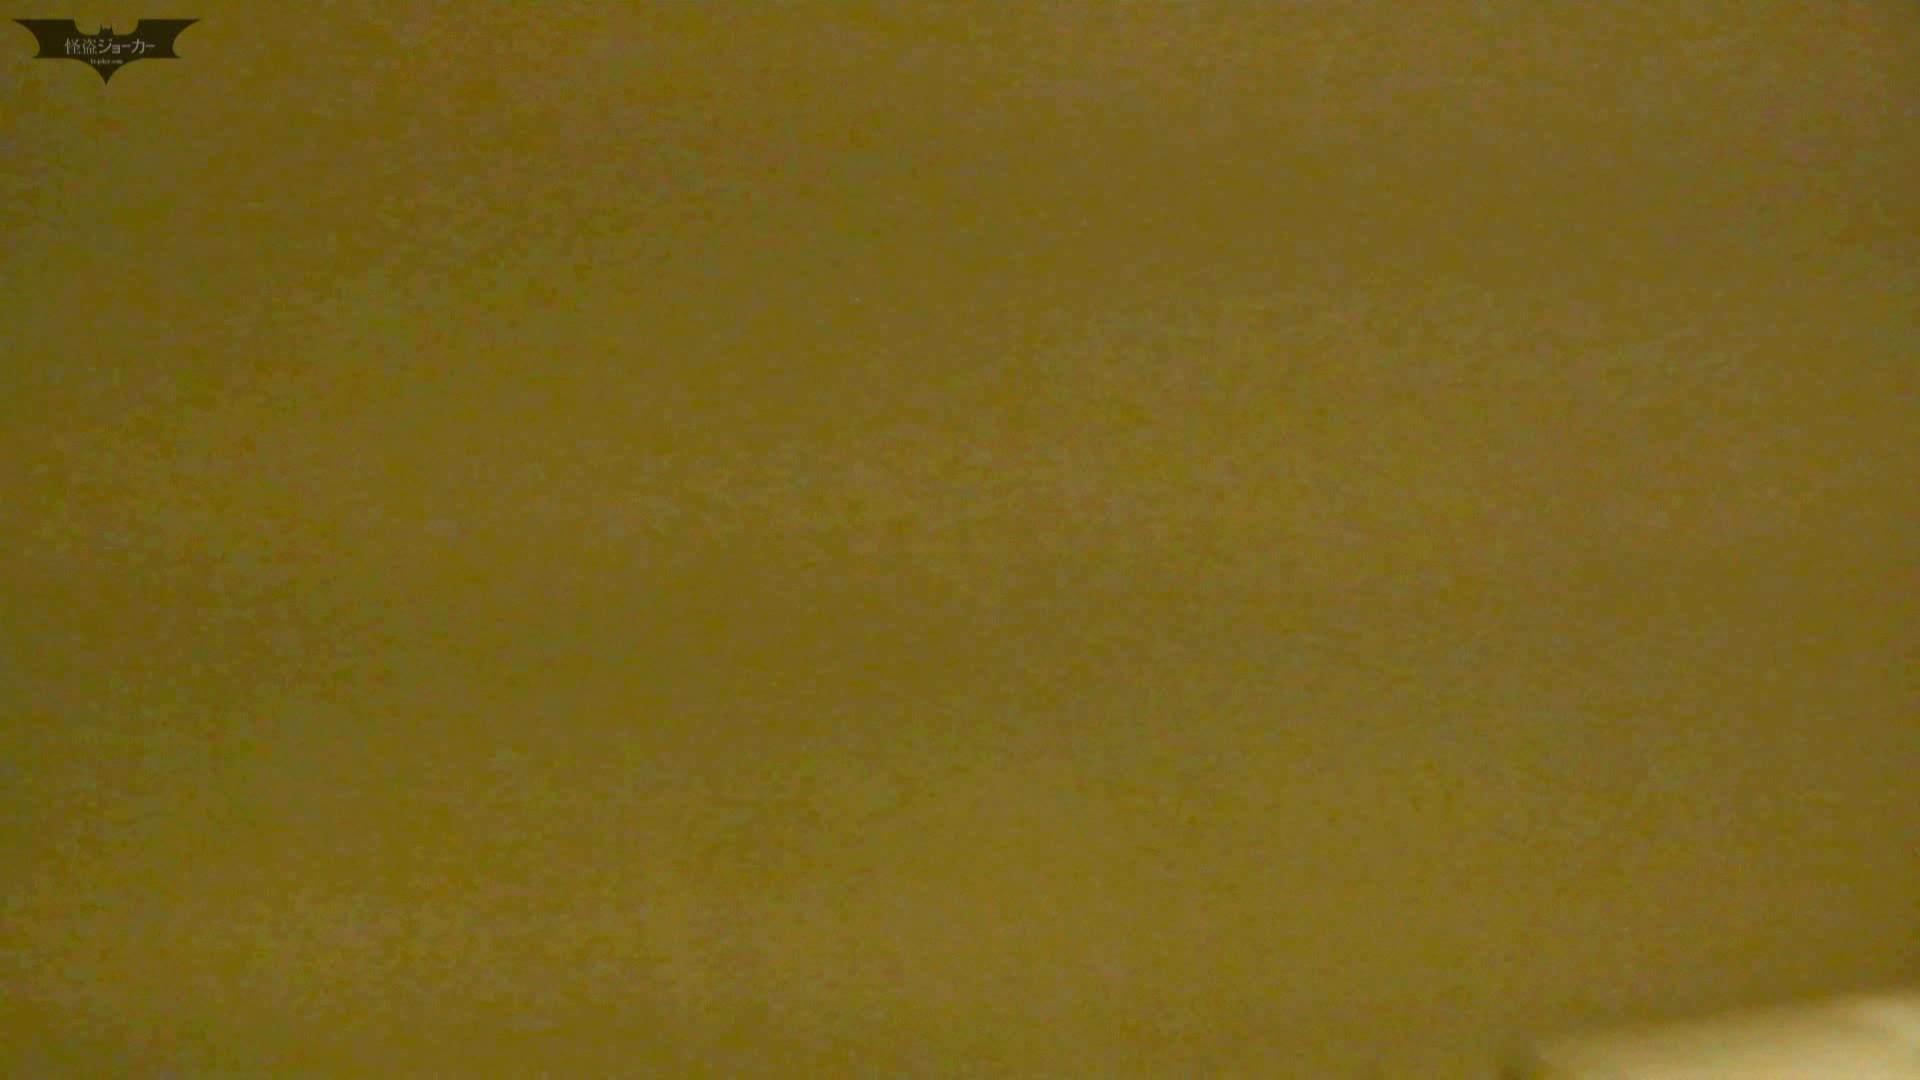 新世界の射窓 No70 世界の窓70 八頭身美女のエロい中腰 ギャル攻め 戯れ無修正画像 101画像 80